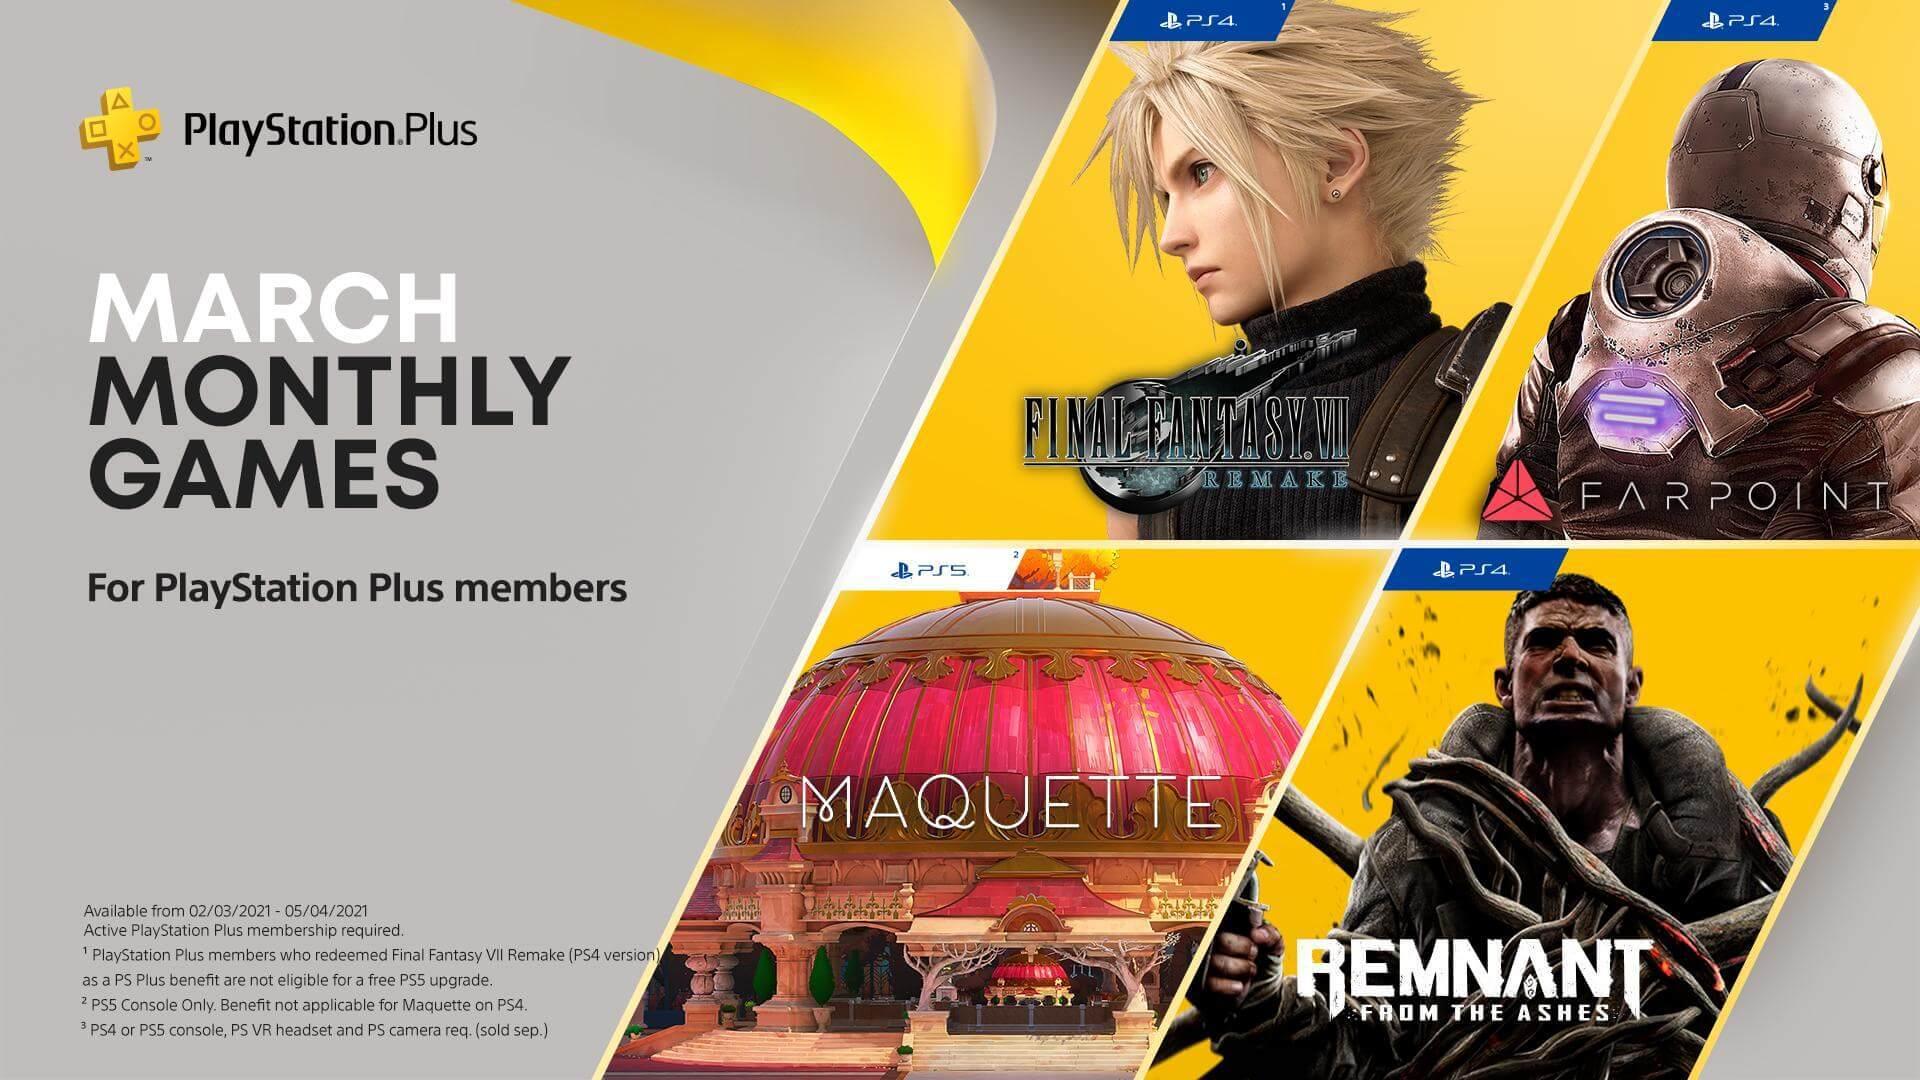 《最终幻想7:重制版》将是3月会免游戏 但无法免费升级到PS5版